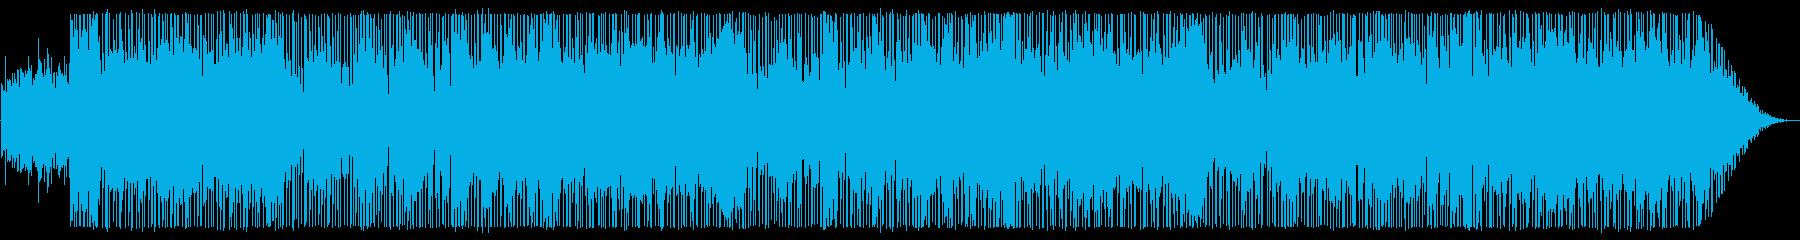 シンセウェーブ:スタイリッシュなテクノの再生済みの波形